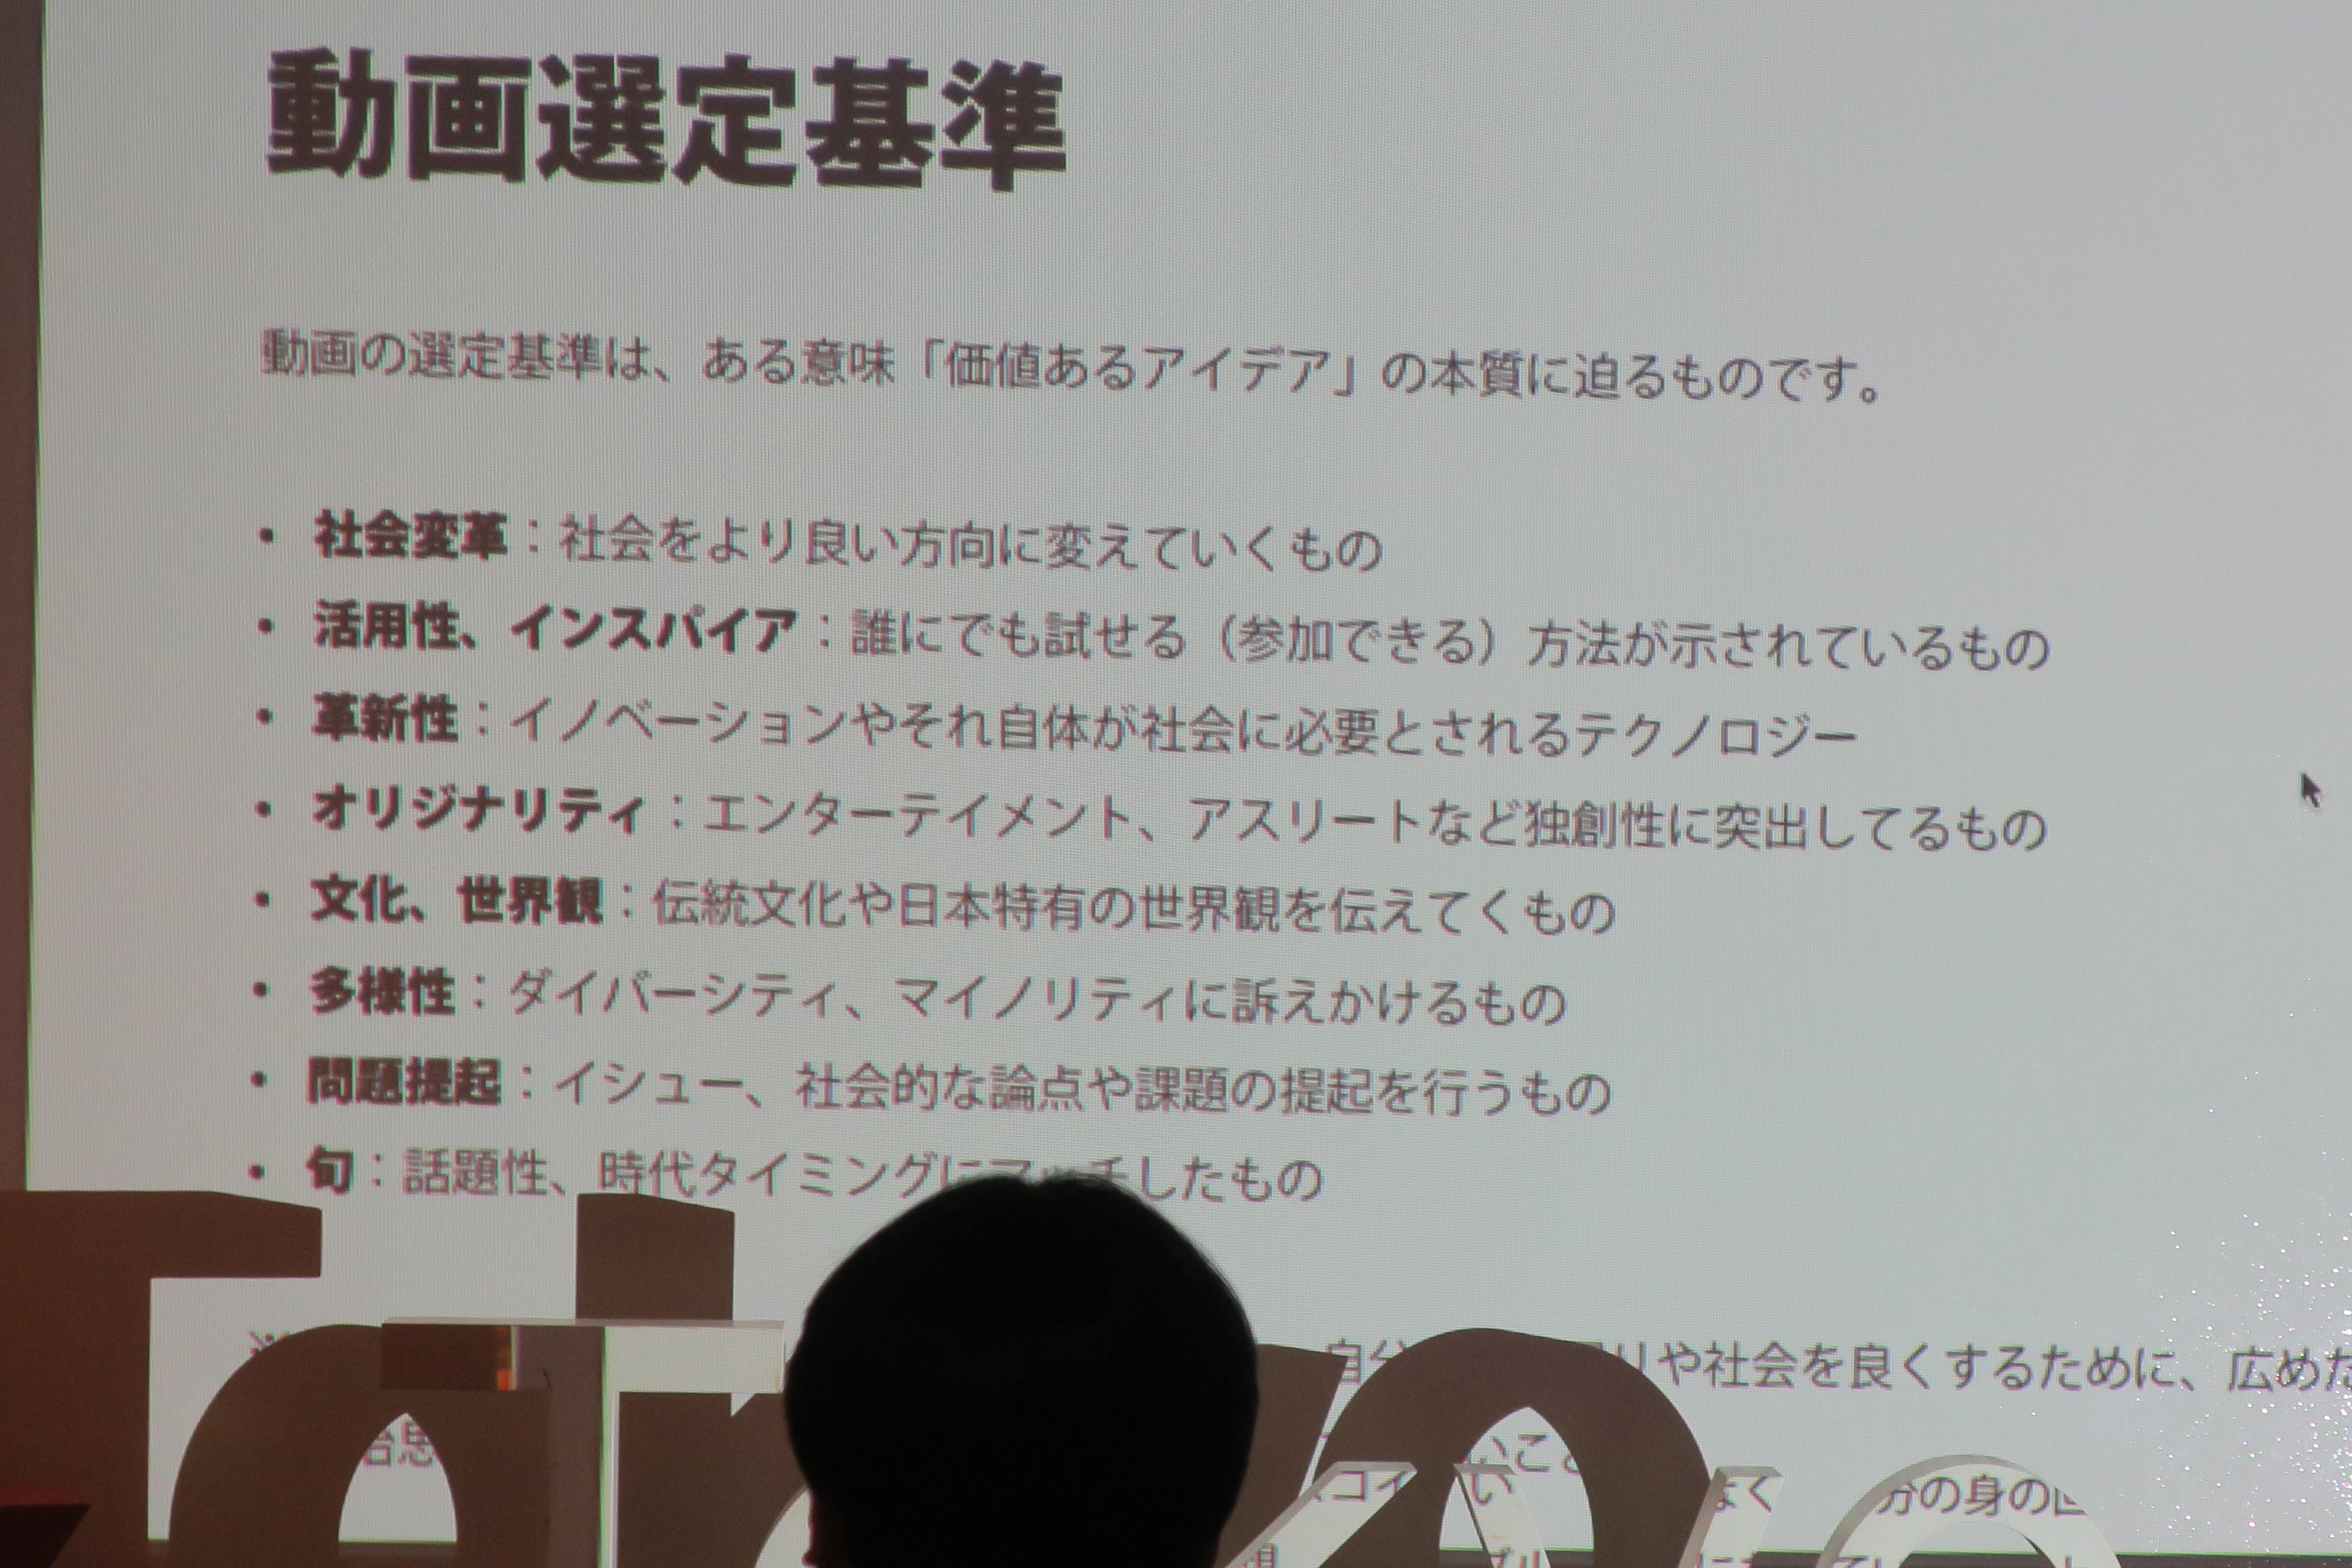 https://blogs.itmedia.co.jp/honjo/IMG_4891.JPG